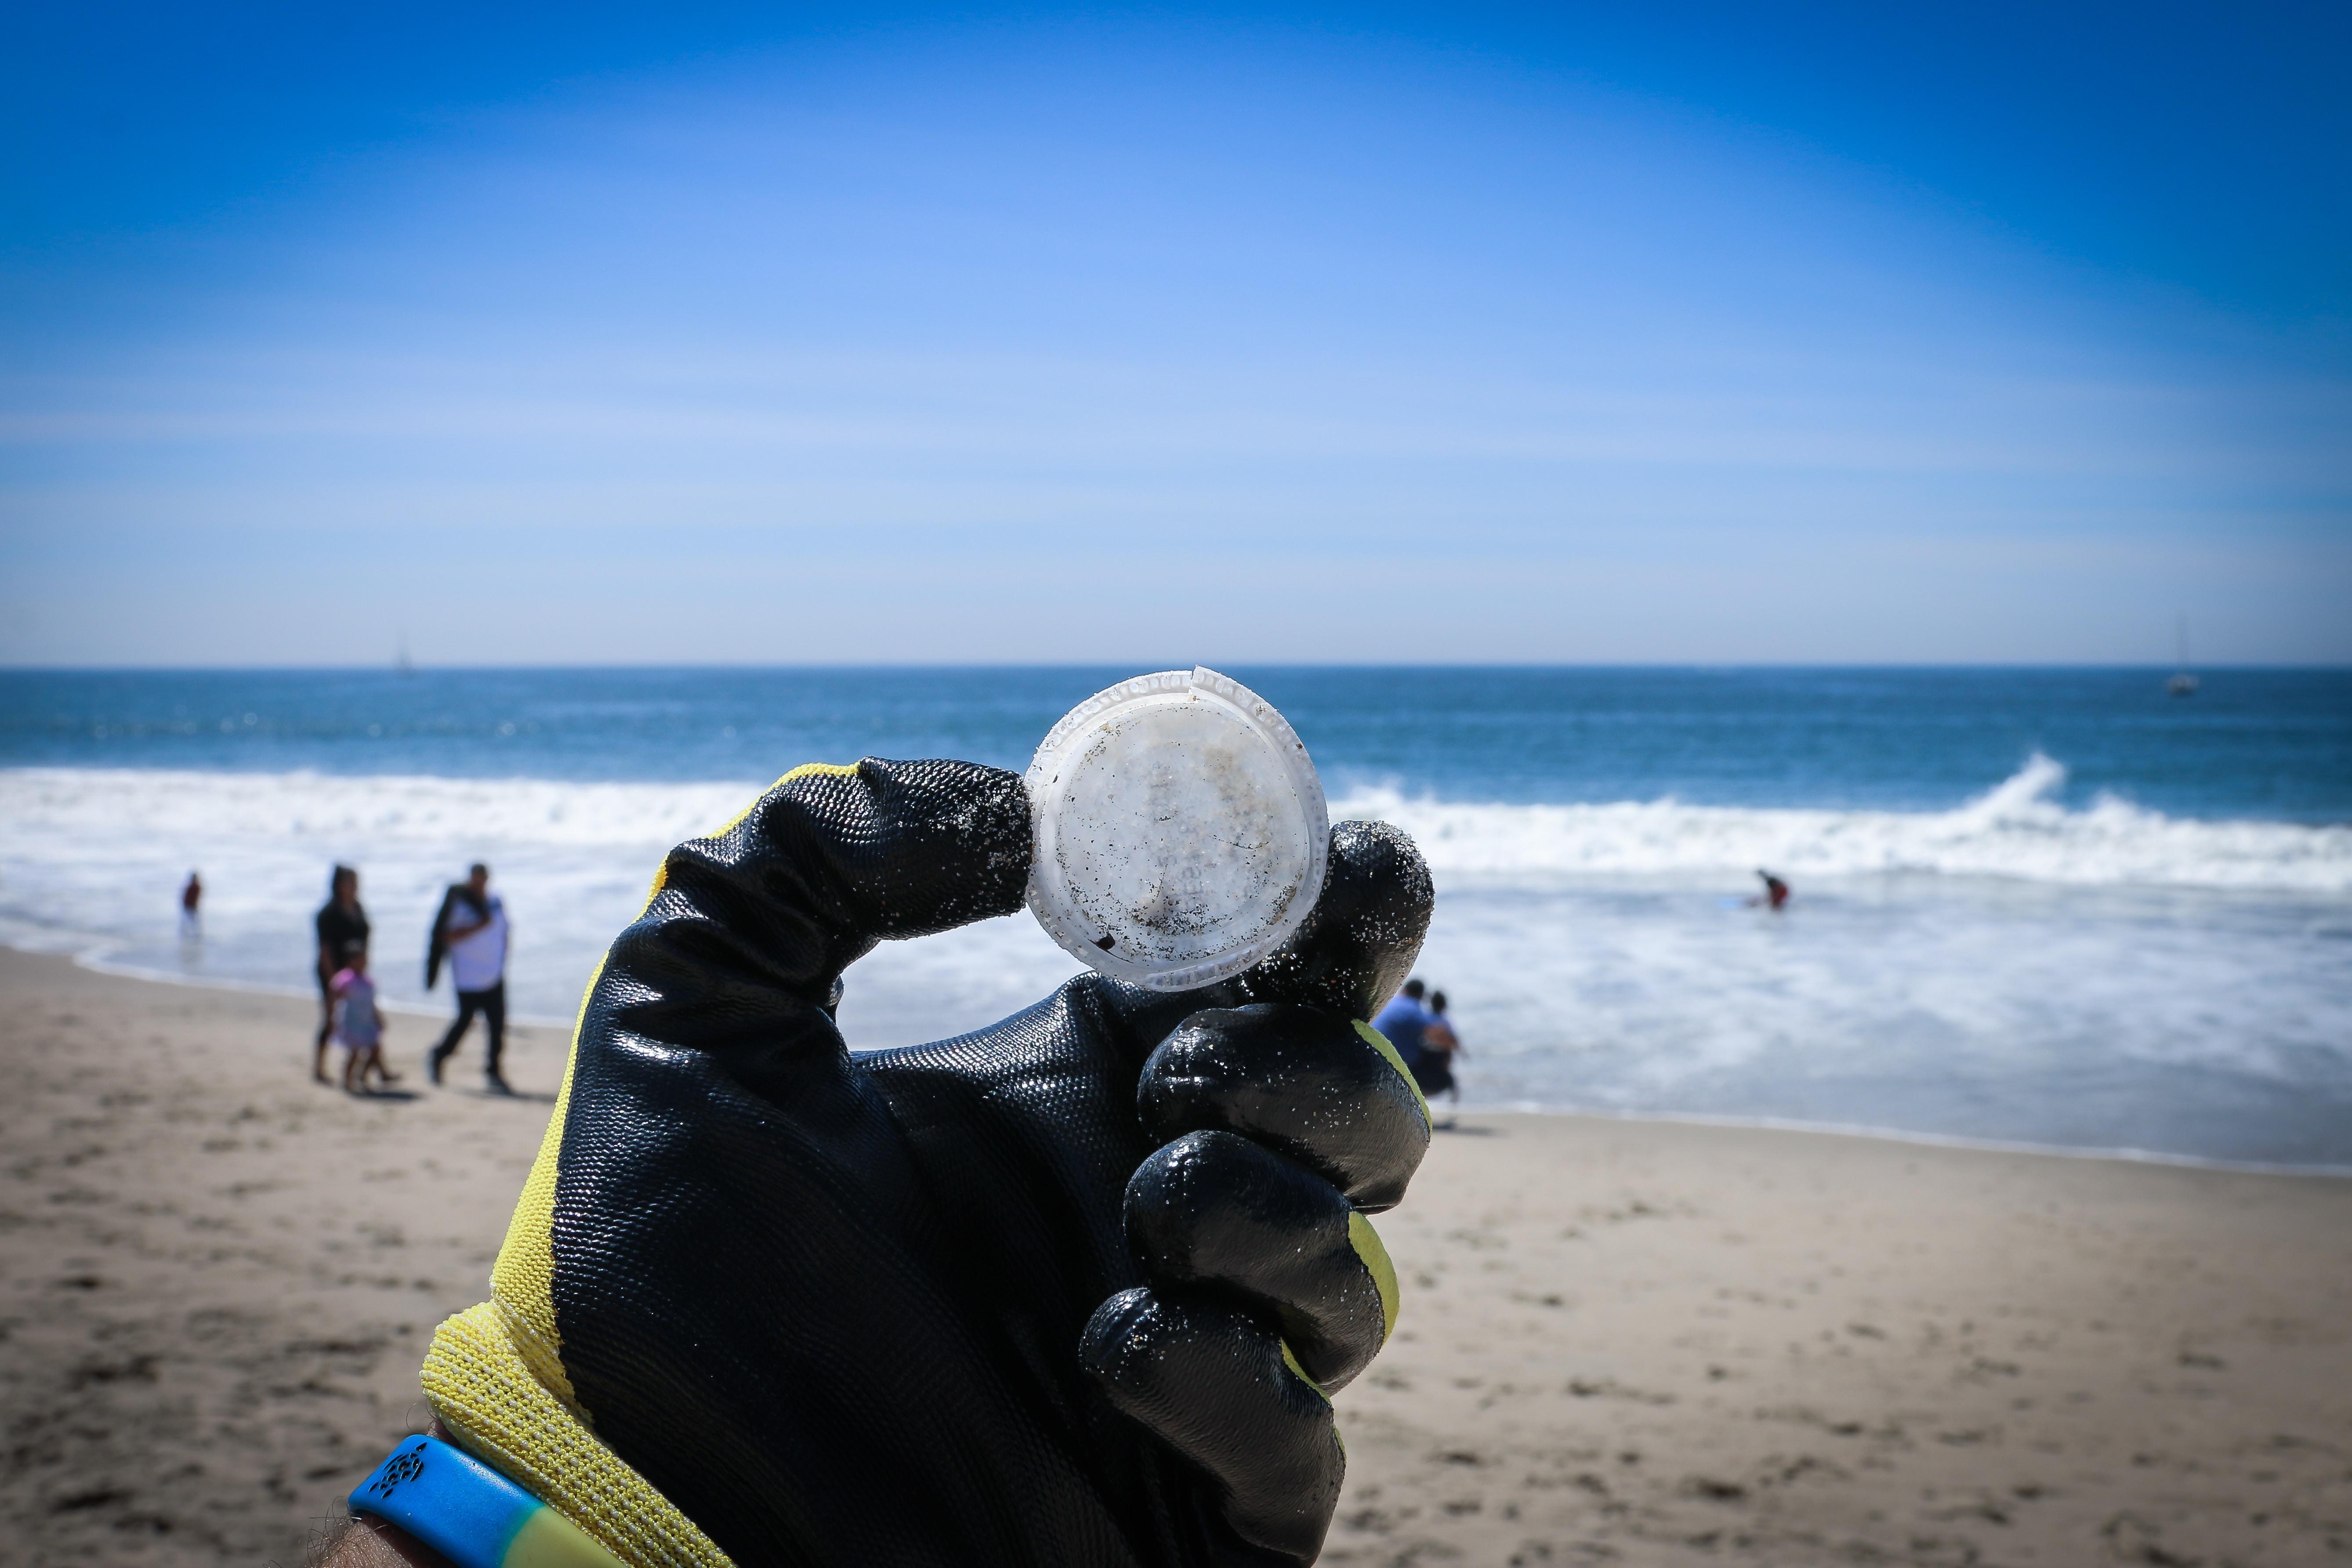 Plastic Cap in Hand on Beach